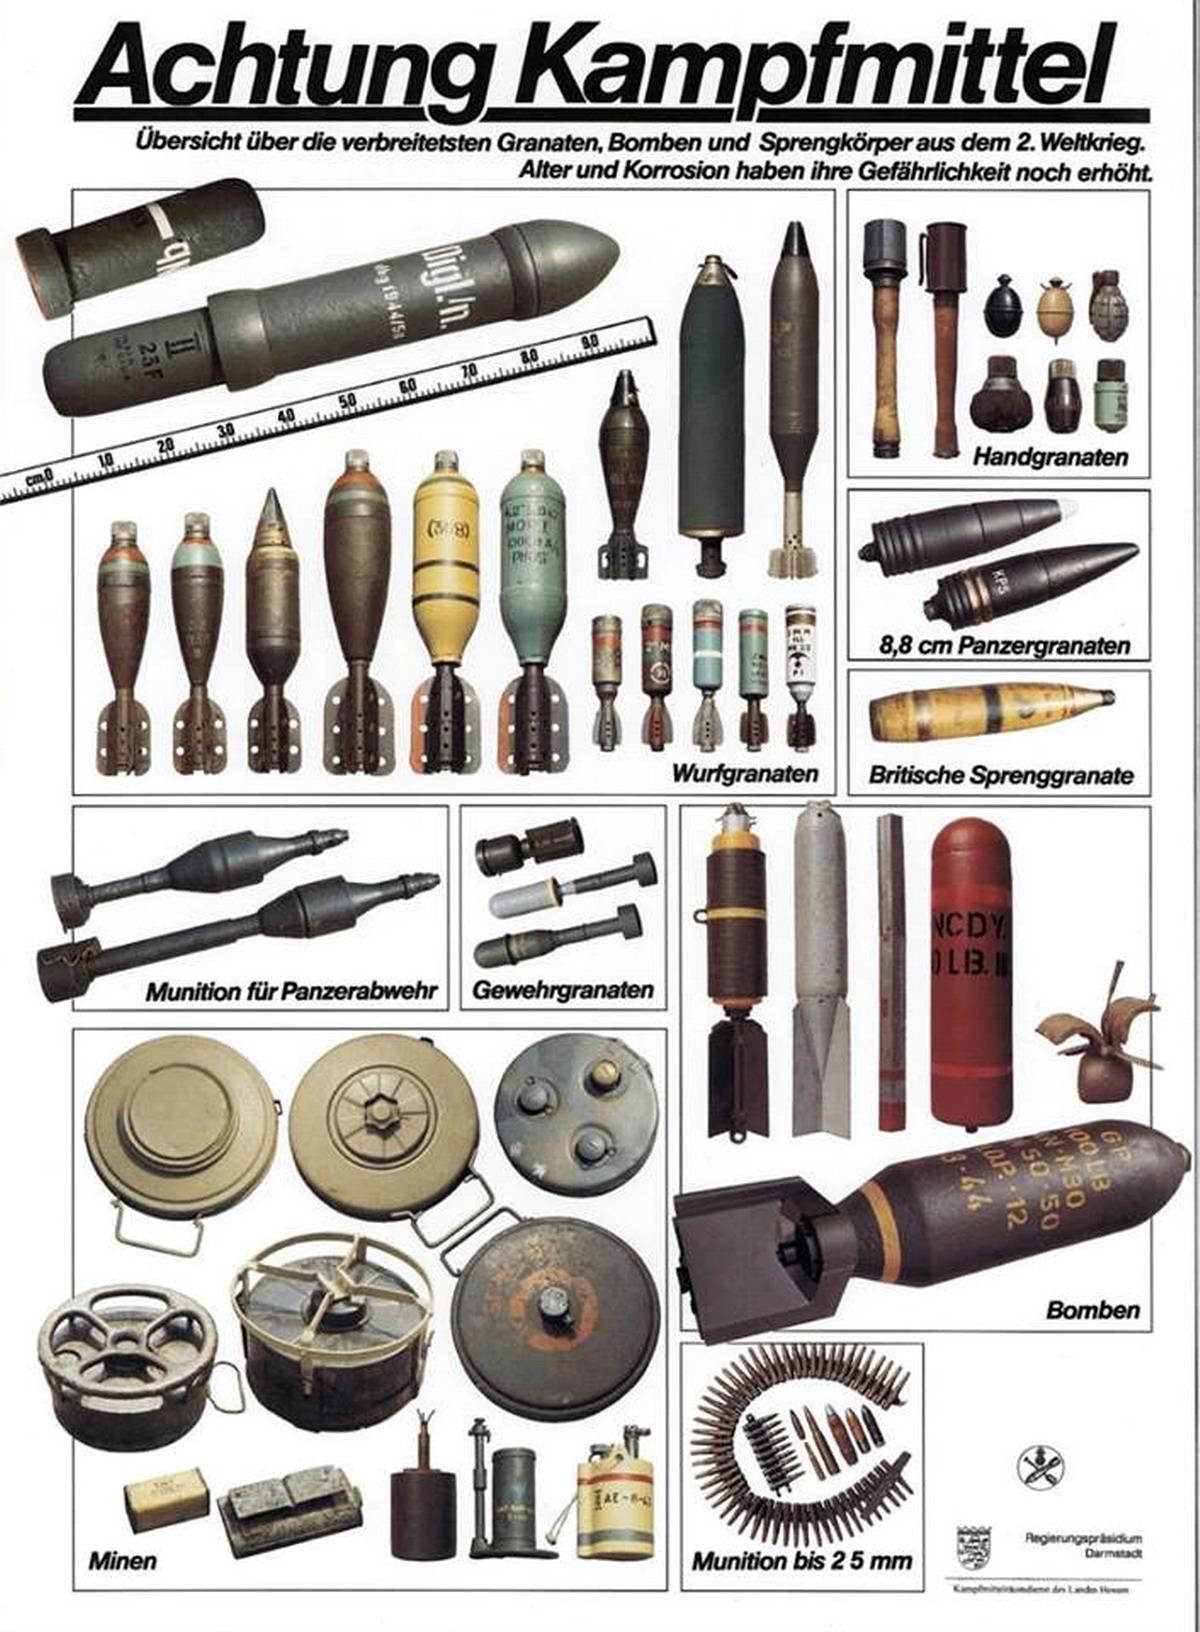 Beispiele verschiedener Kampfmittel aus dem Zweiten Weltkrieg.